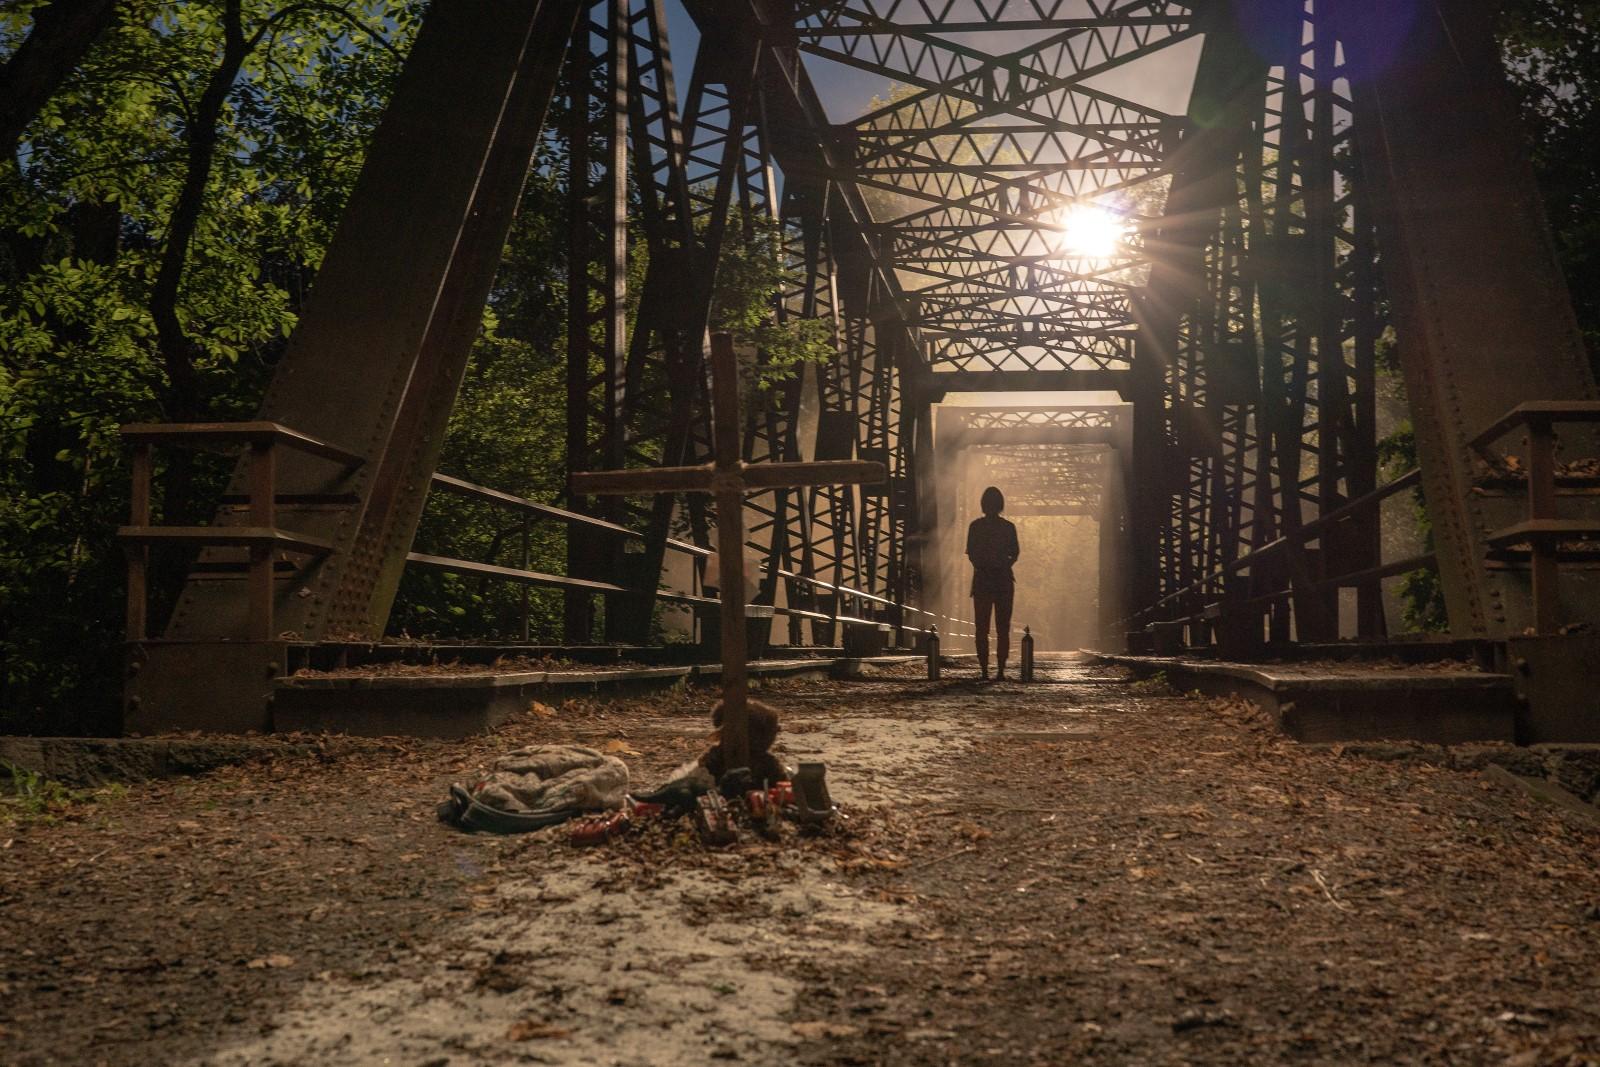 Cena do filme Um Lugar Silencioso - Parte II. É uma imagem retangular. No centro da imagem há uma cruz de madeira fincada no chão, na parte central direita há uma pessoa ao fundo, sua figura está nas sombras. A pessoa está andando em uma ponte de metal. O chão é de terra. Ao redor da ponte tem algumas árvores e acima há o brilho do sol.